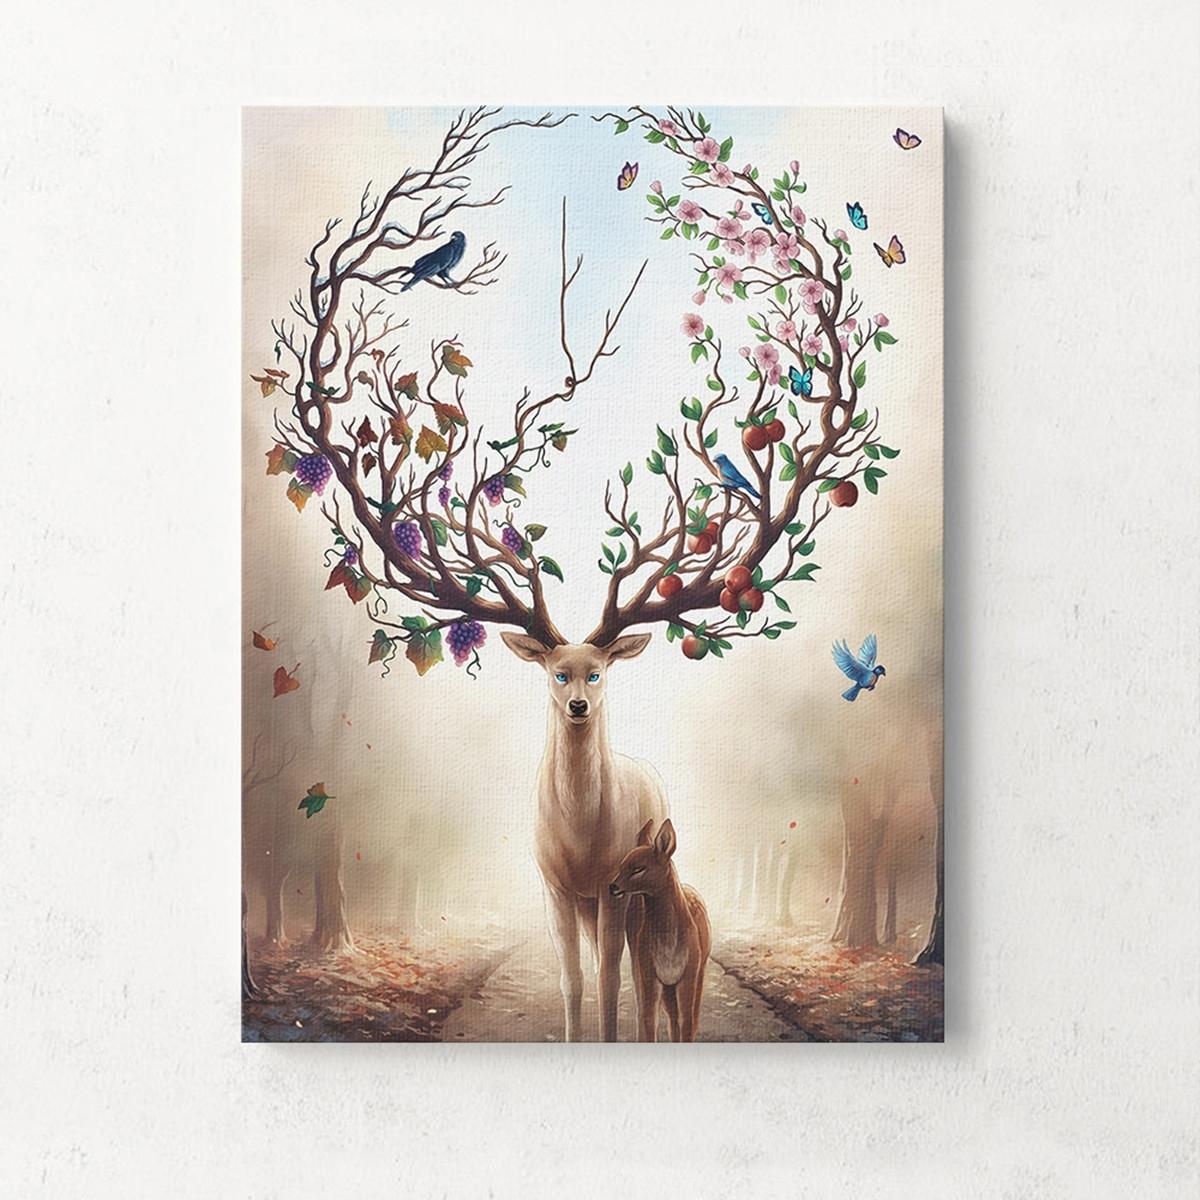 Unframed Canvas Print Deer Design Modern Home Decor Wall Art In Most Current Deer Canvas Wall Art (View 15 of 15)